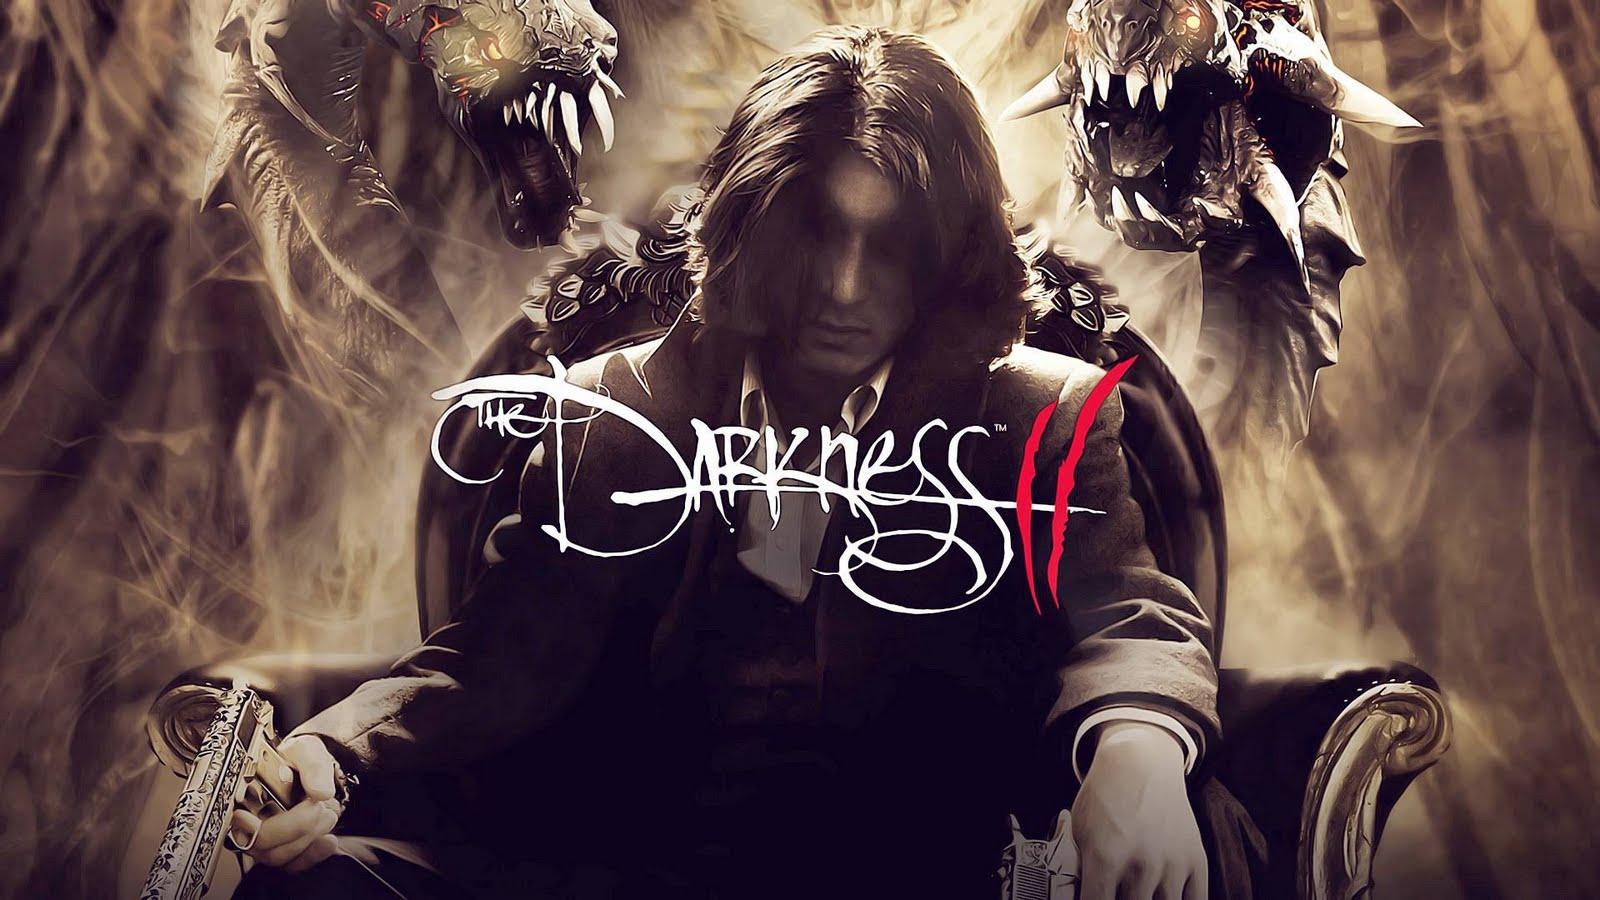 http://1.bp.blogspot.com/-61fvIpwZe3o/TmTBEHuyvjI/AAAAAAAAB3k/8kRHjybiKJo/s1600/the+darkness+2+wallpaper+2.jpg